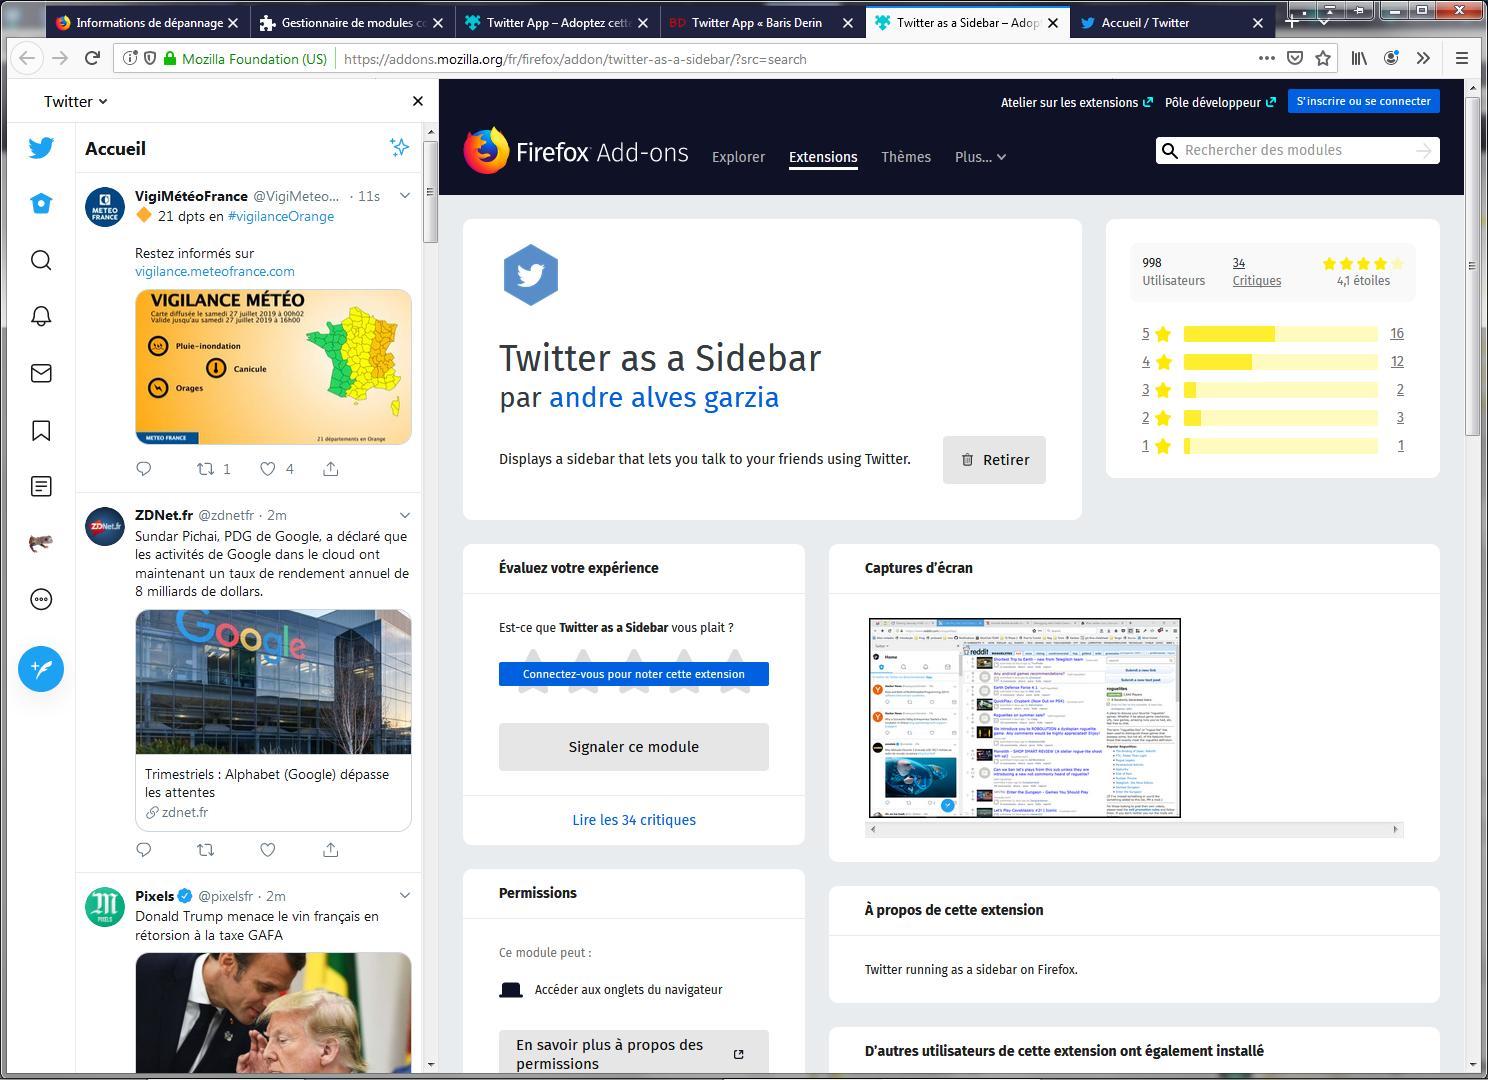 Twitter as a Sidebar